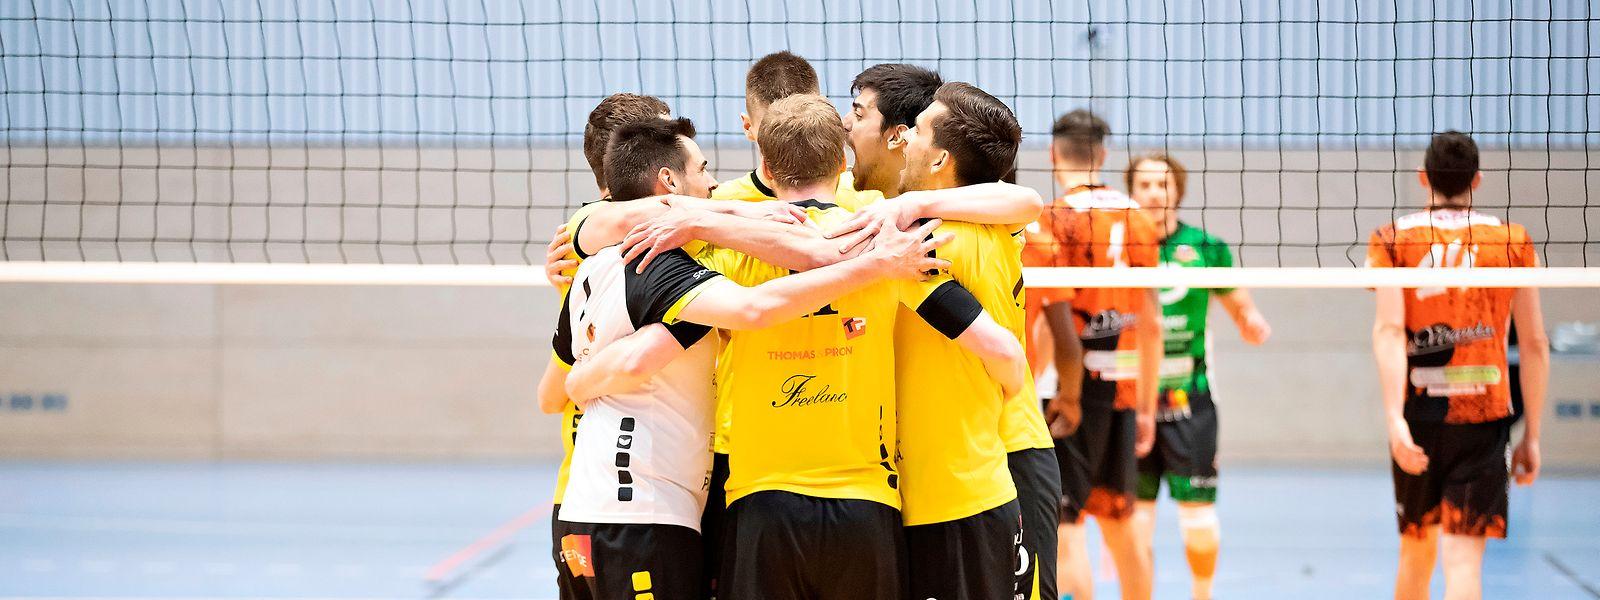 Strassens Volleyballer treten als Einheit auf.